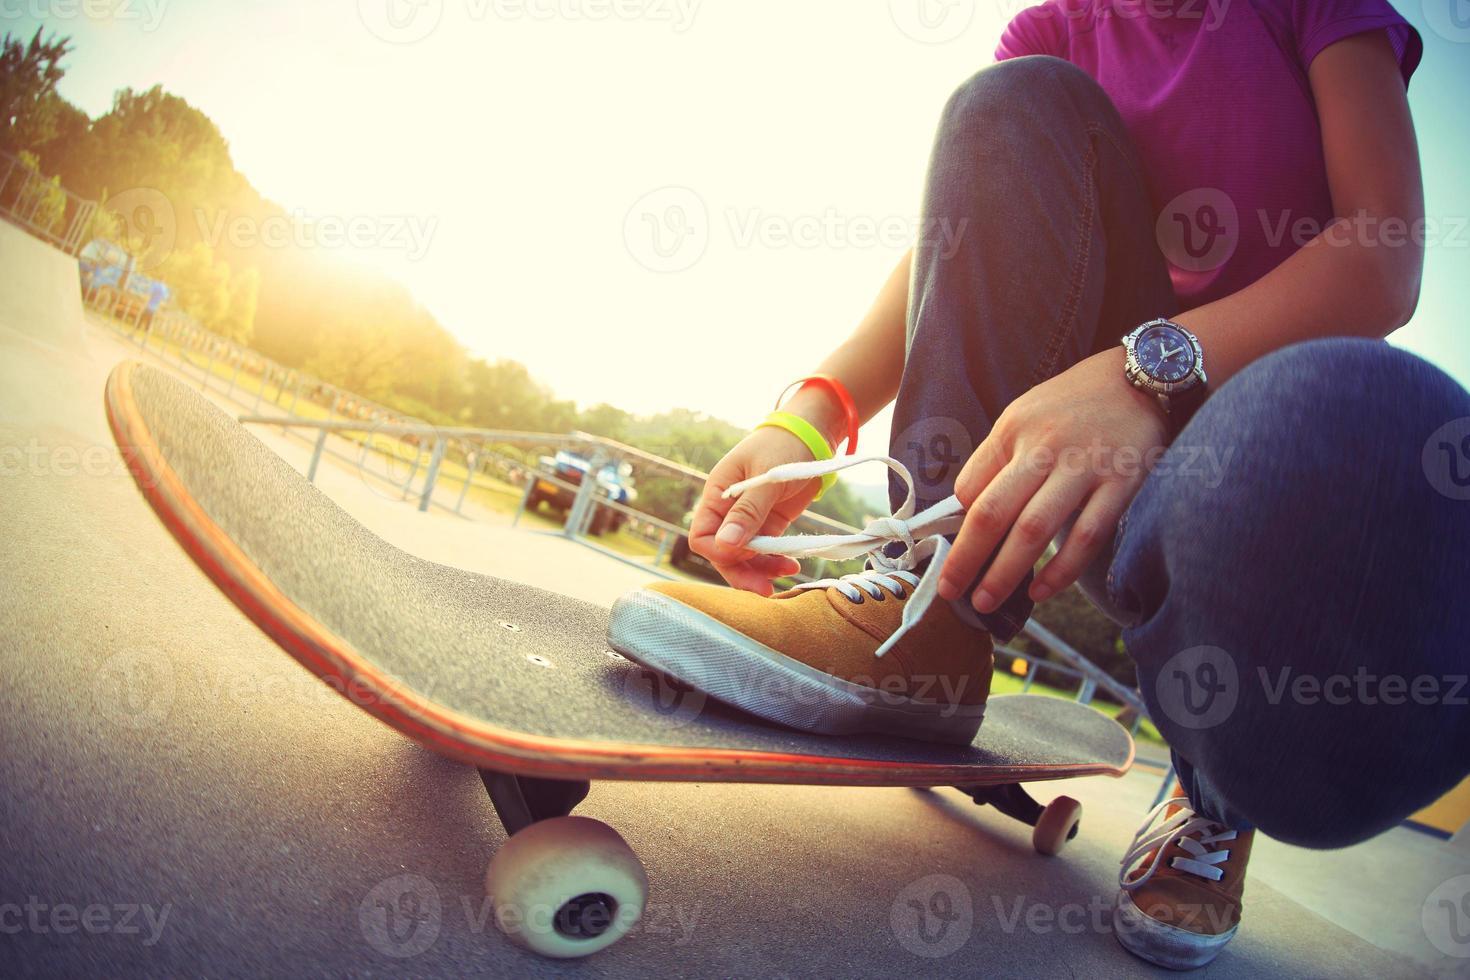 joven skater asiático atar cordones de los zapatos en patineta foto